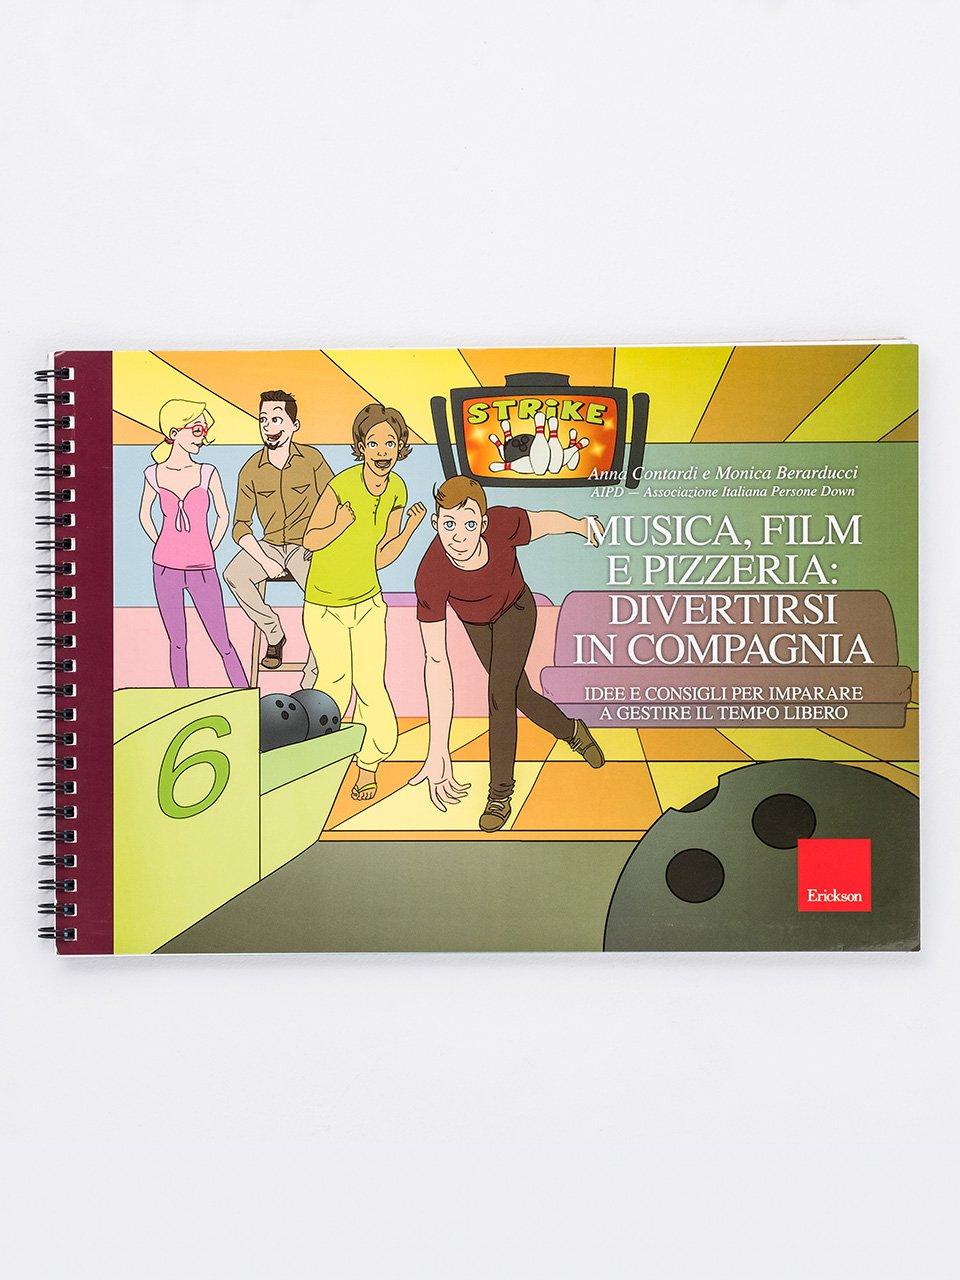 Musica, film e pizzeria: divertirsi in compagnia - Giorno dopo giorno - Libri - Erickson